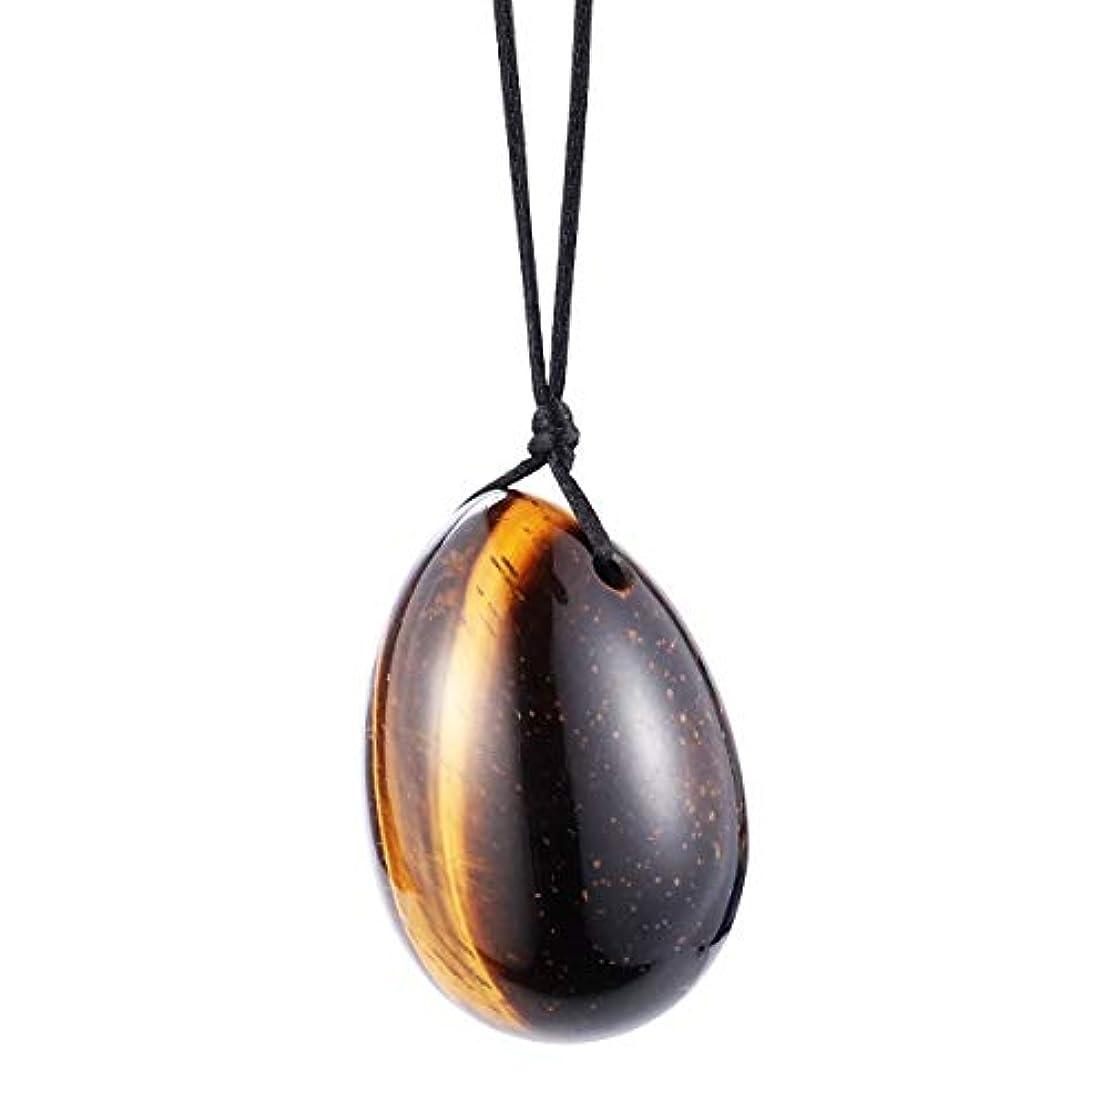 実験的有毒なオーガニックARTLILY 玉ヨニ卵クリスタルクォーツマッサージストーンエッグ女性のためのケーゲル運動骨盤底筋膣運動ヨニ卵ヘルスケア